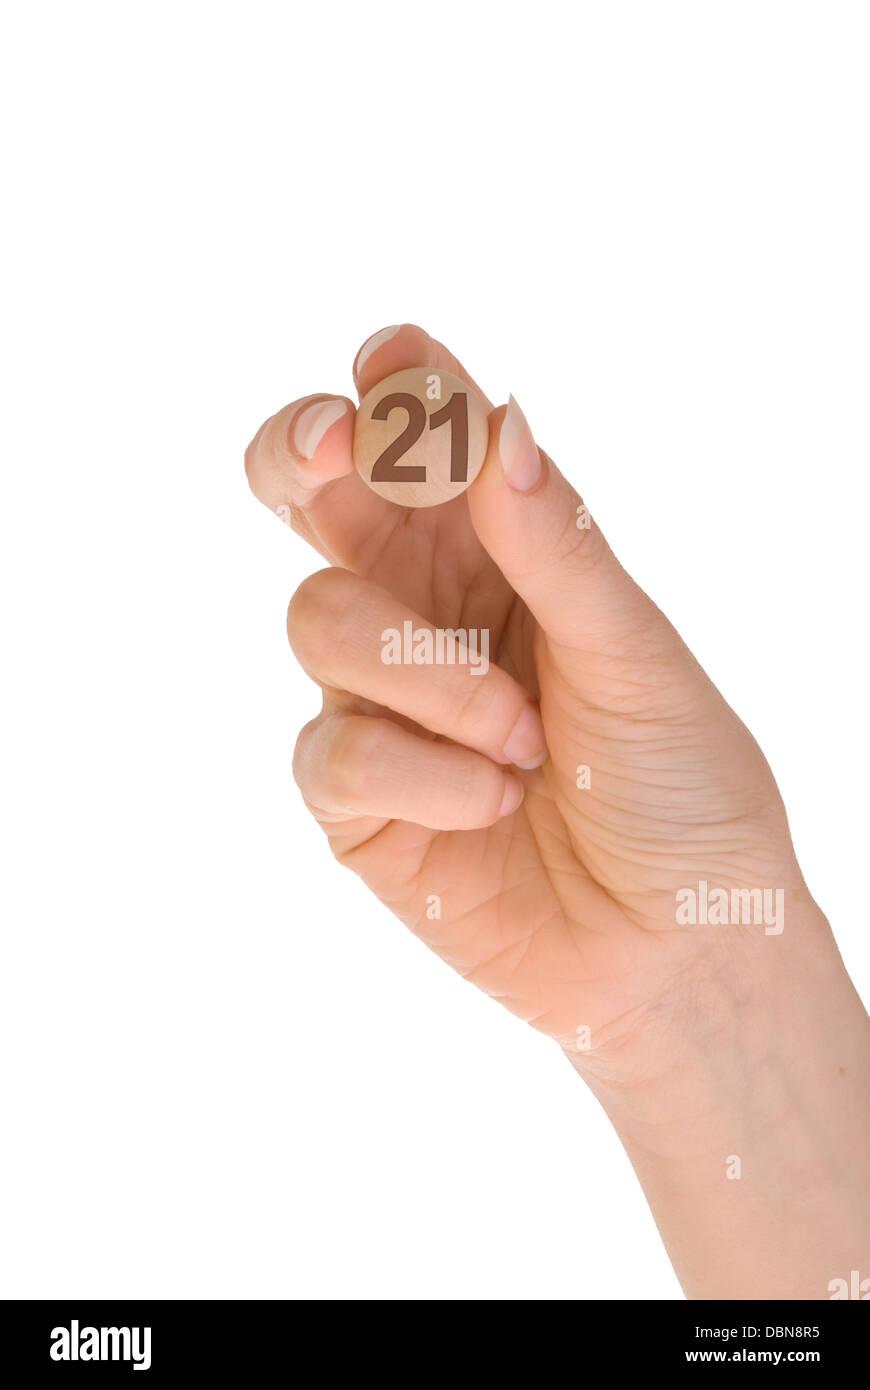 Bingo 21 Foto & Imagen De Stock: 58860233 - Alamy